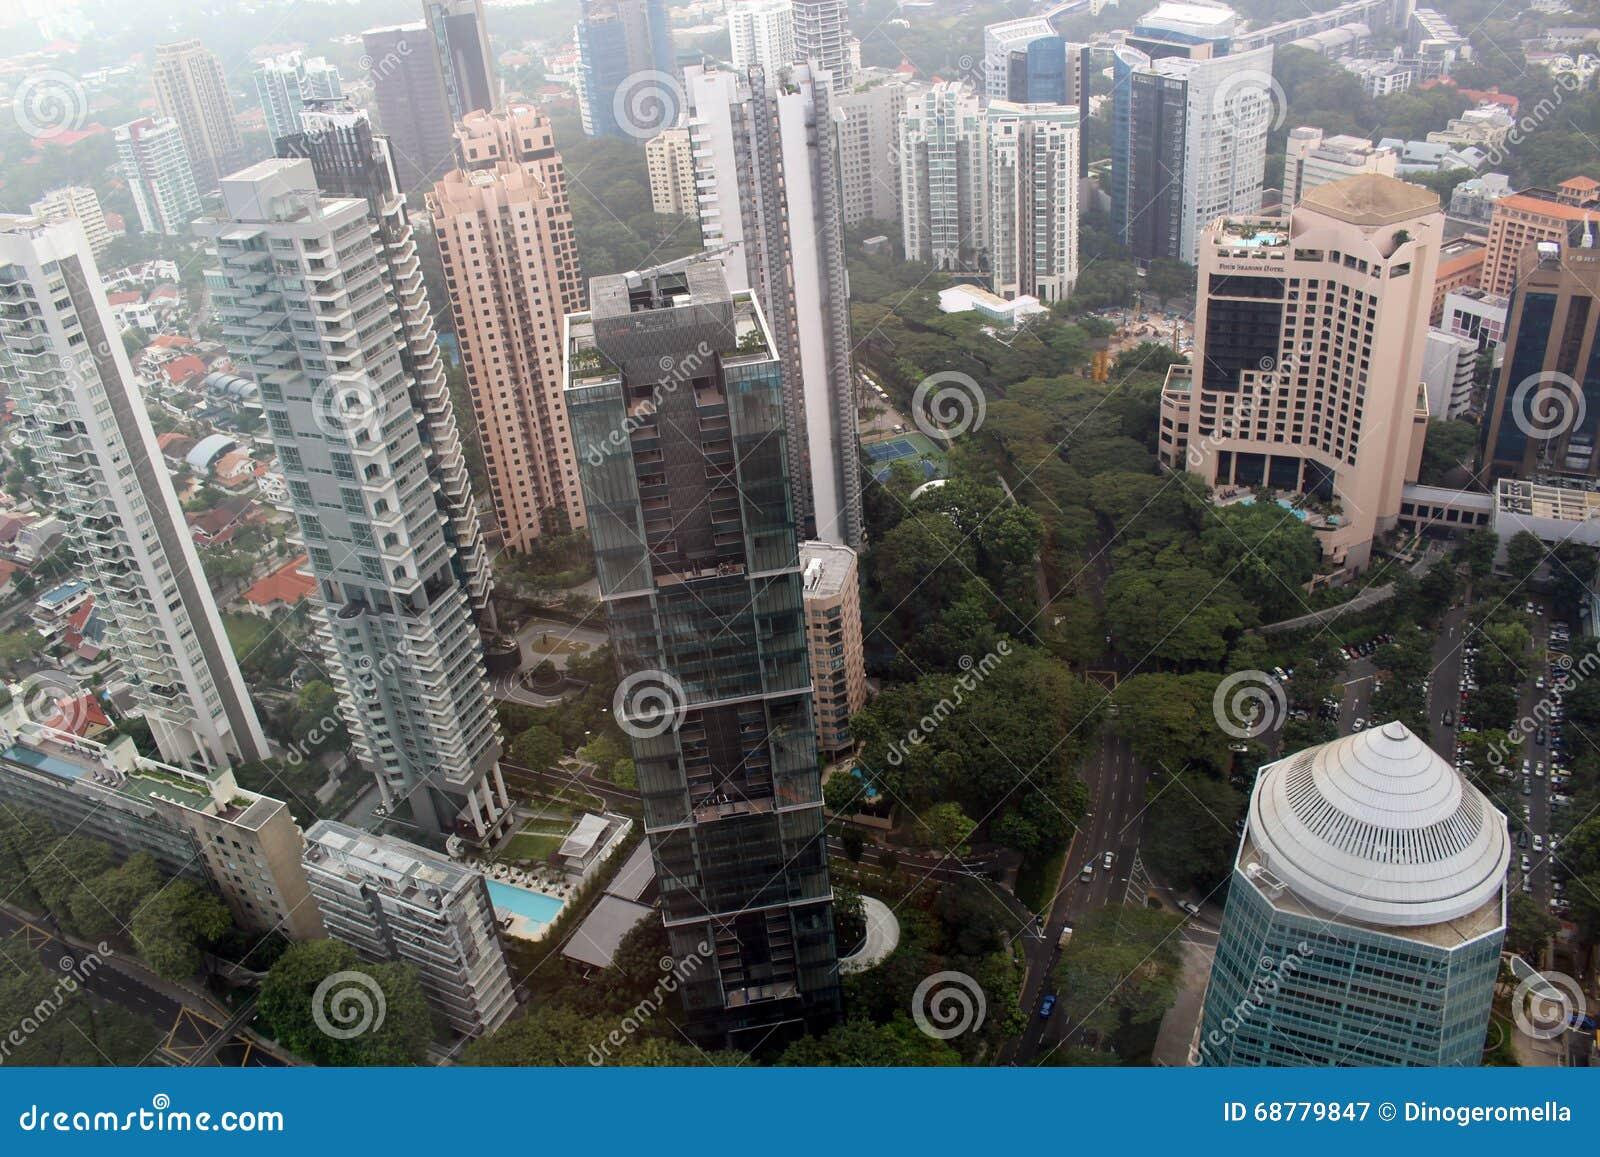 Singapore Bird View